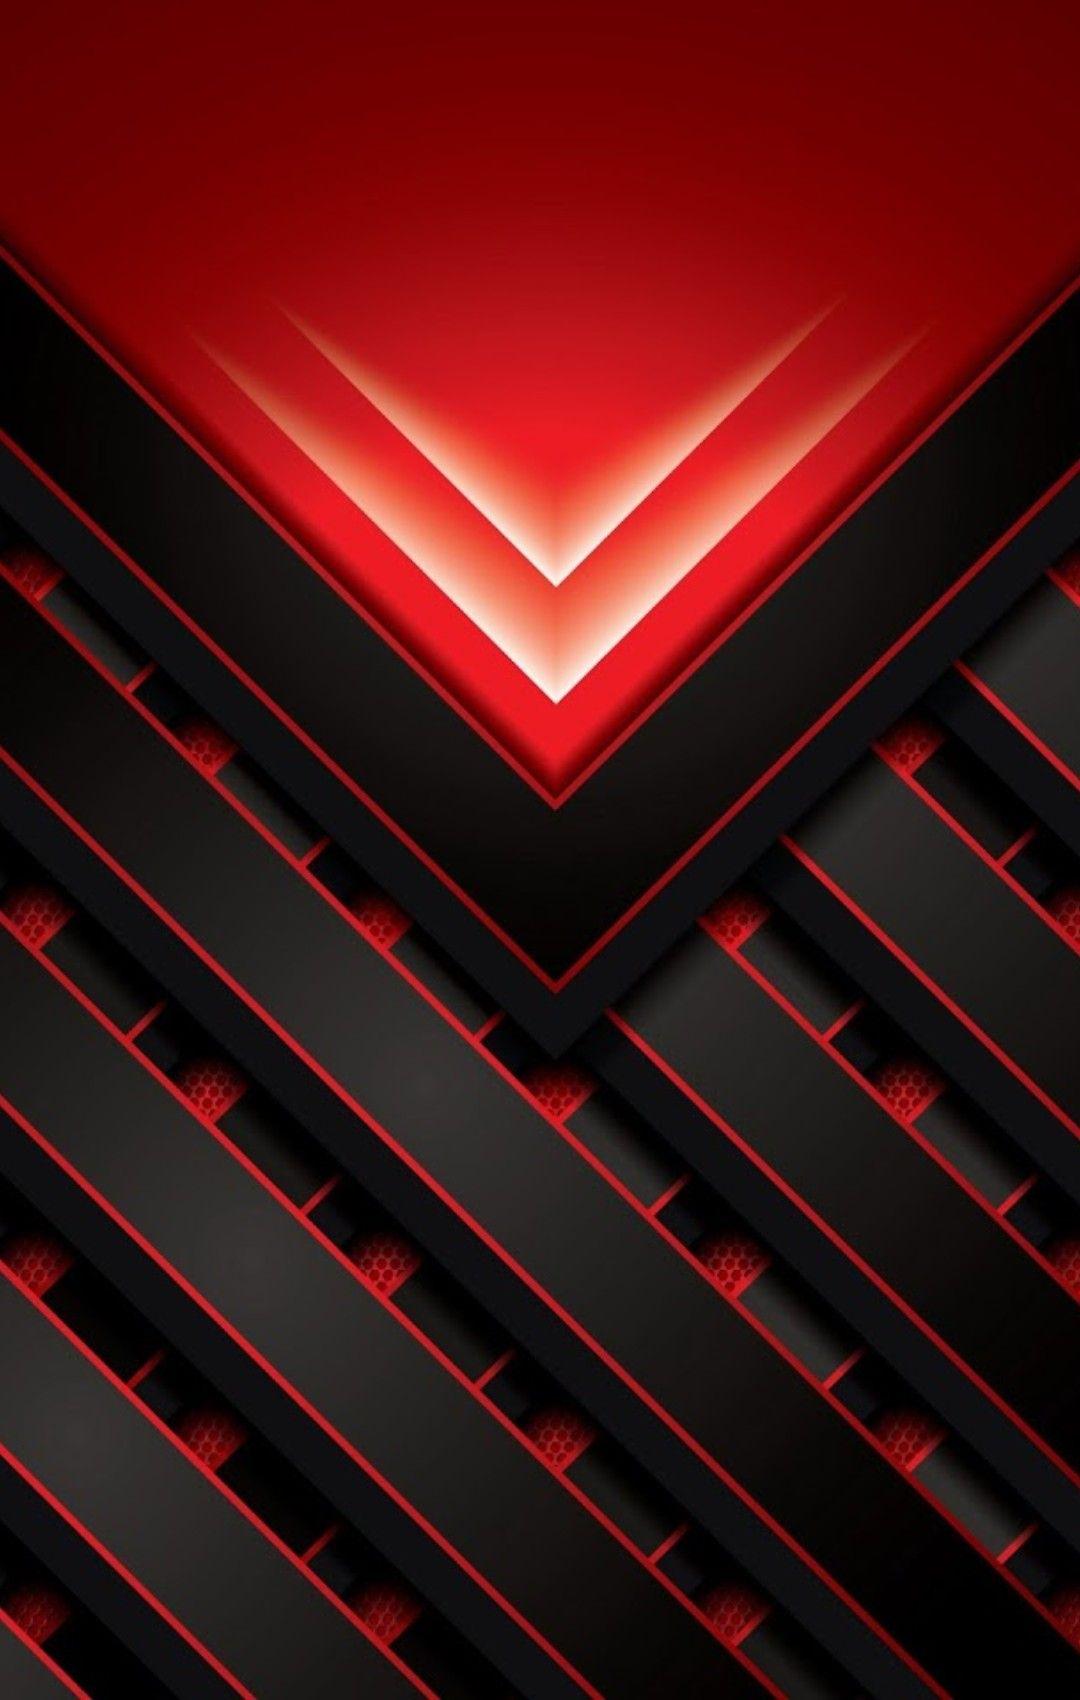 Red And Black Geometric Wallpaper Wallpaper Iphone Desain Desain Pamflet